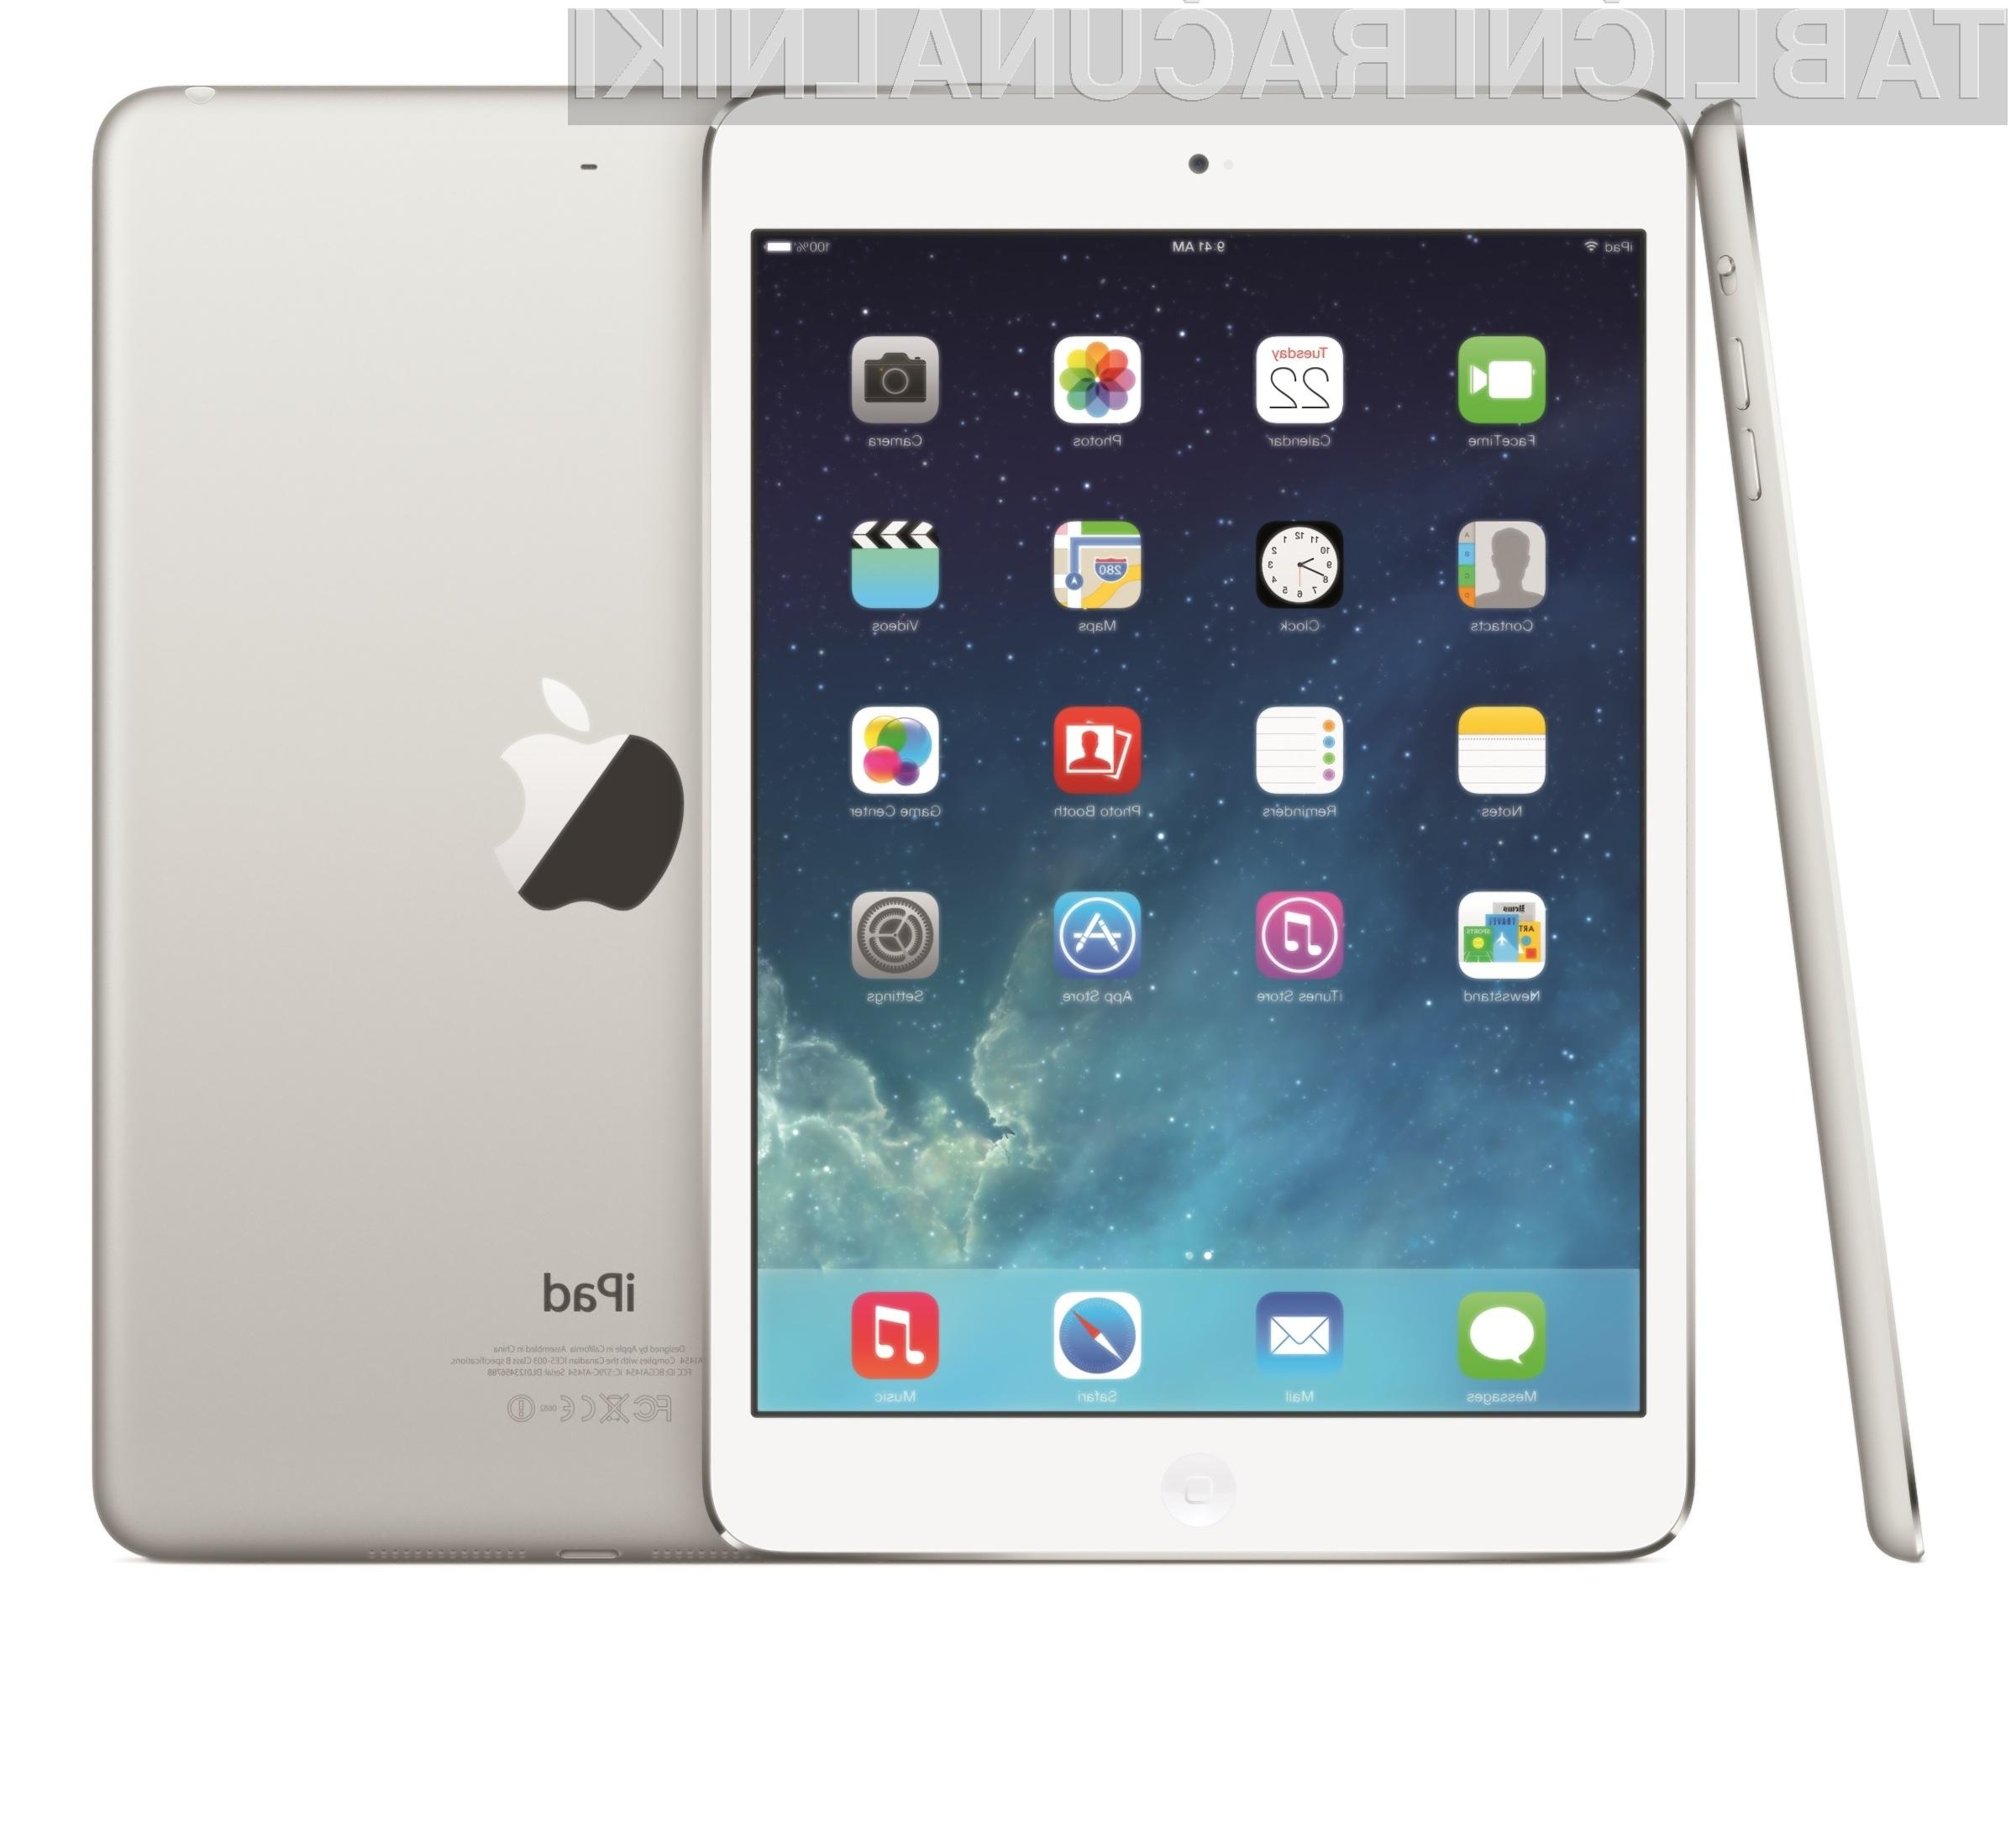 Apple iPad izgubil lovoriko najbolj priljubljene tablice